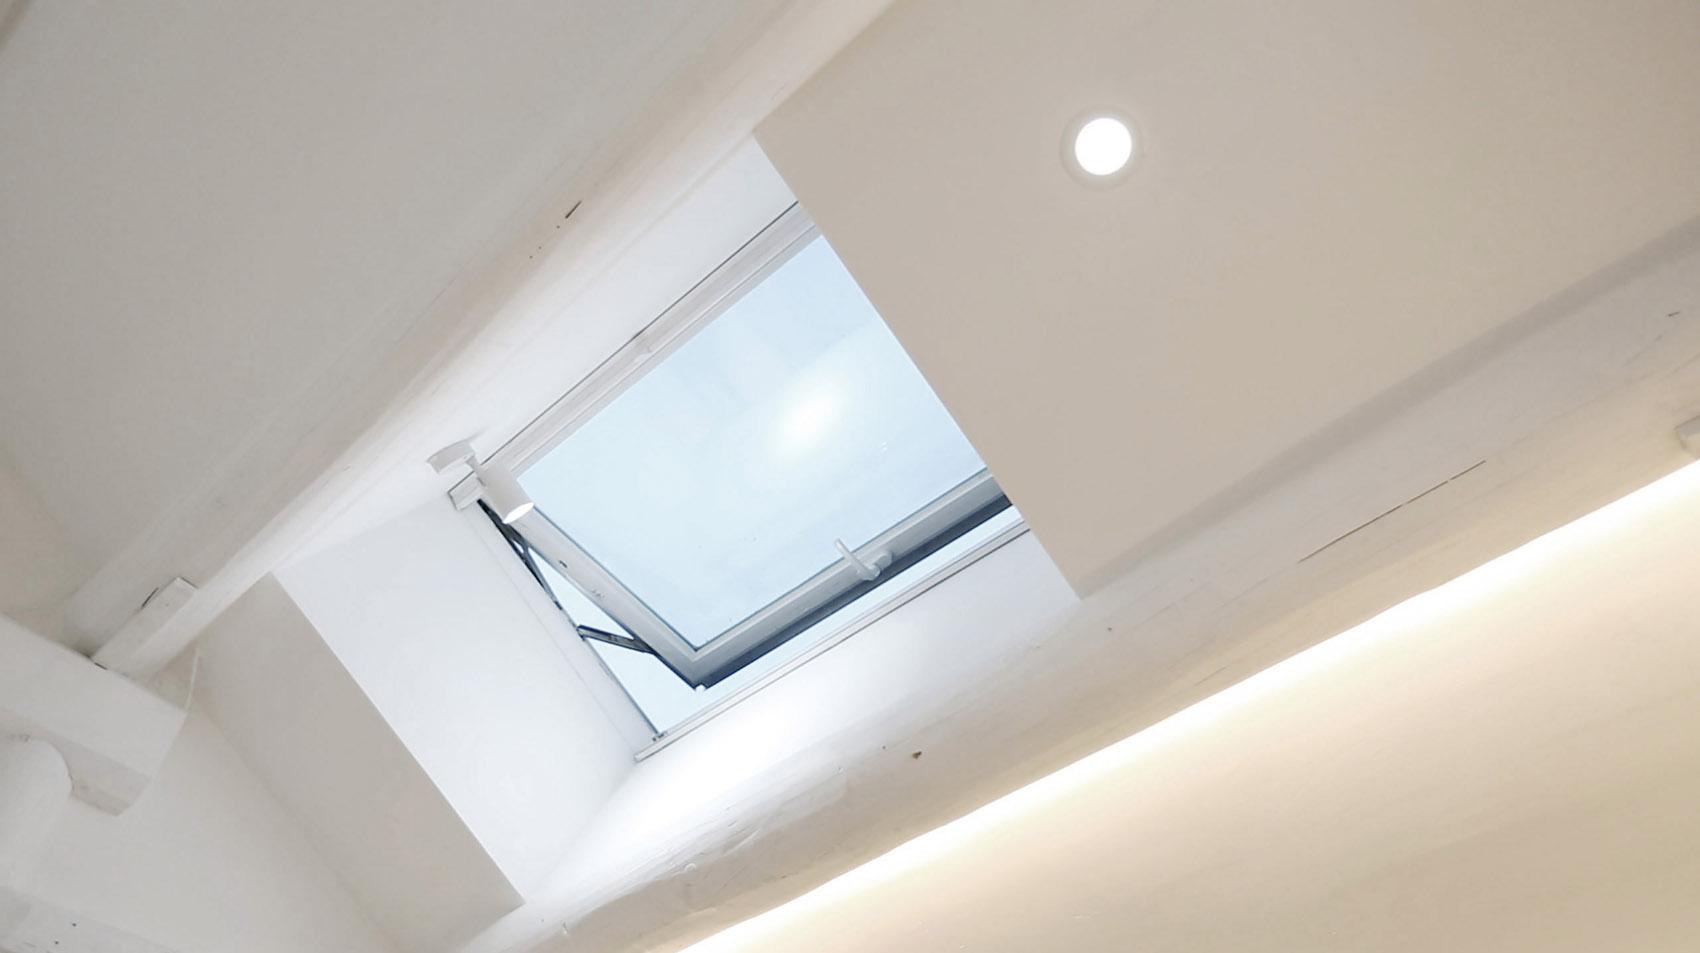 16-12sqm-dwelling-renovation